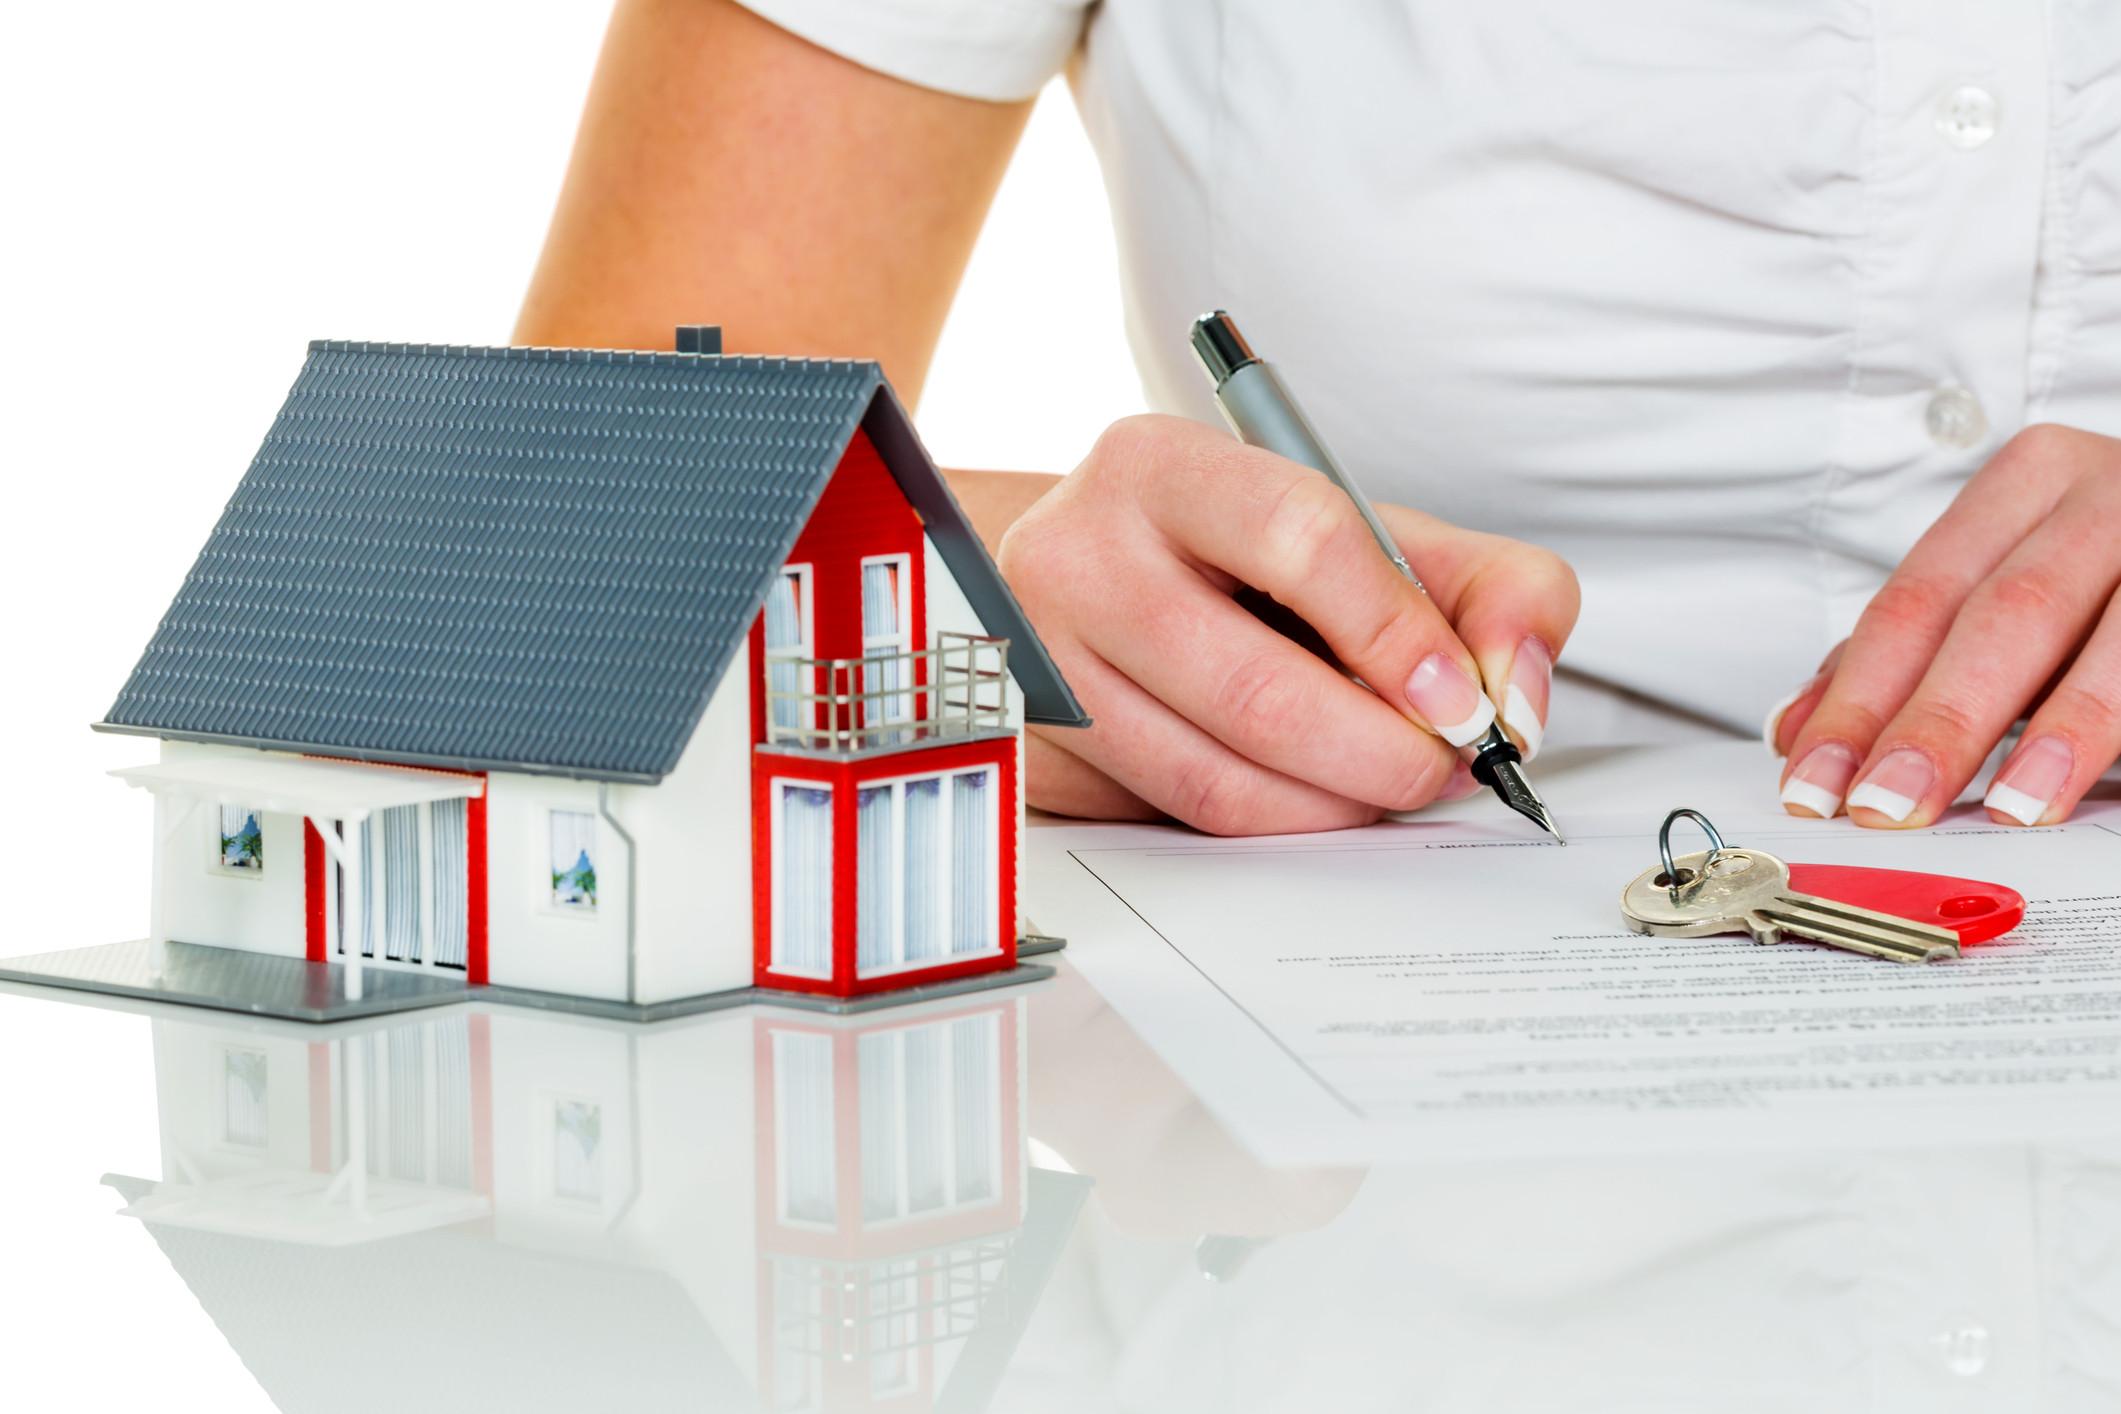 Lời khuyên sử dụng tài chính cá nhân hữu hiệu nhất dành cho chị em ở độ tuổi 30 - Ảnh 5.